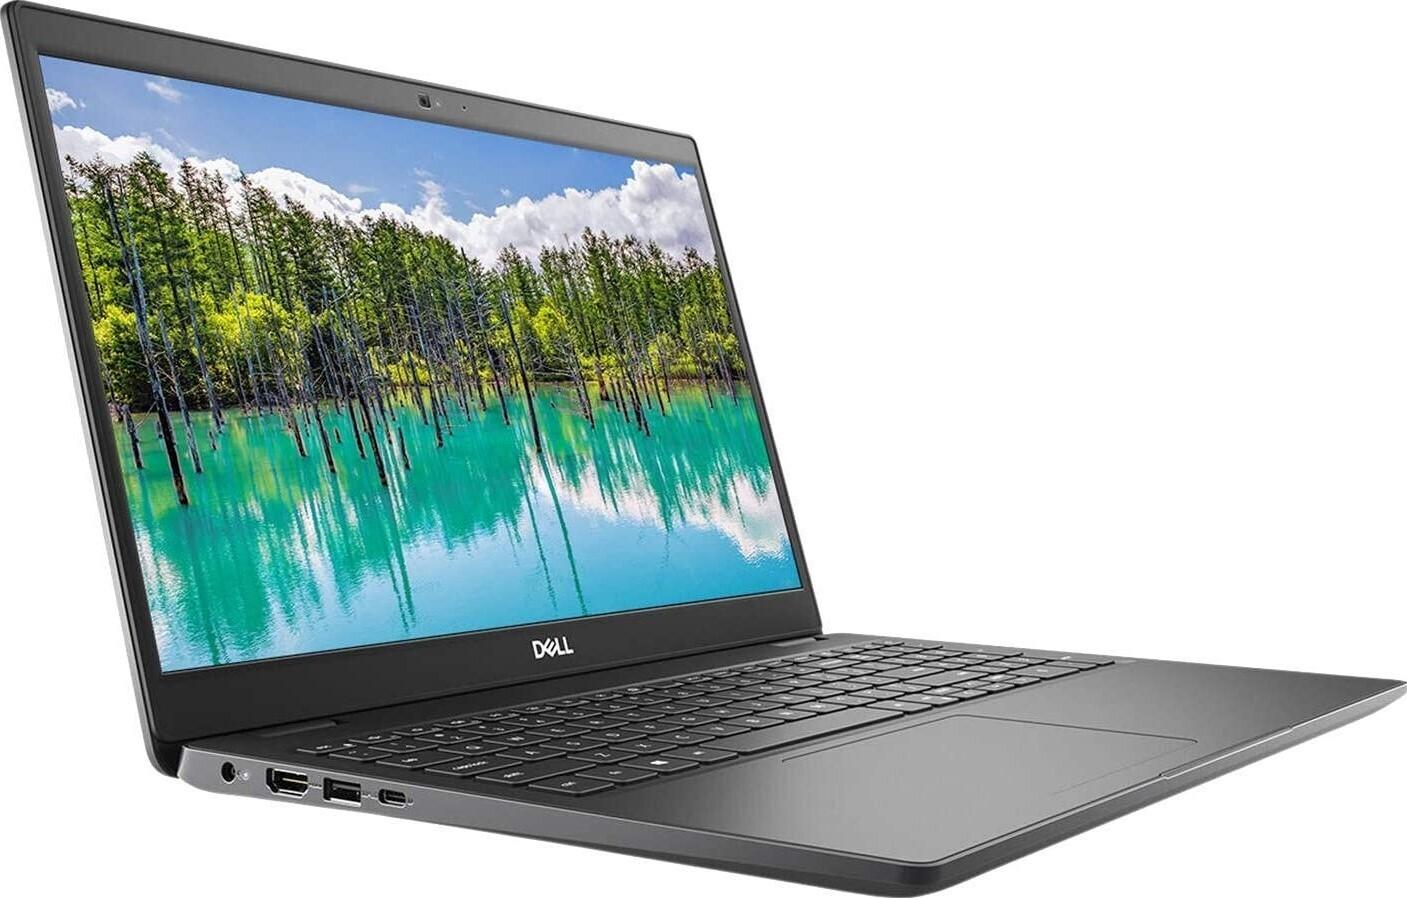 """DELL LATITUDE 3510 15.6"""" Intel Core i3 4 GB RAM 256 GB SSD Windows 10 Pro (TOUCHSCREEN)"""